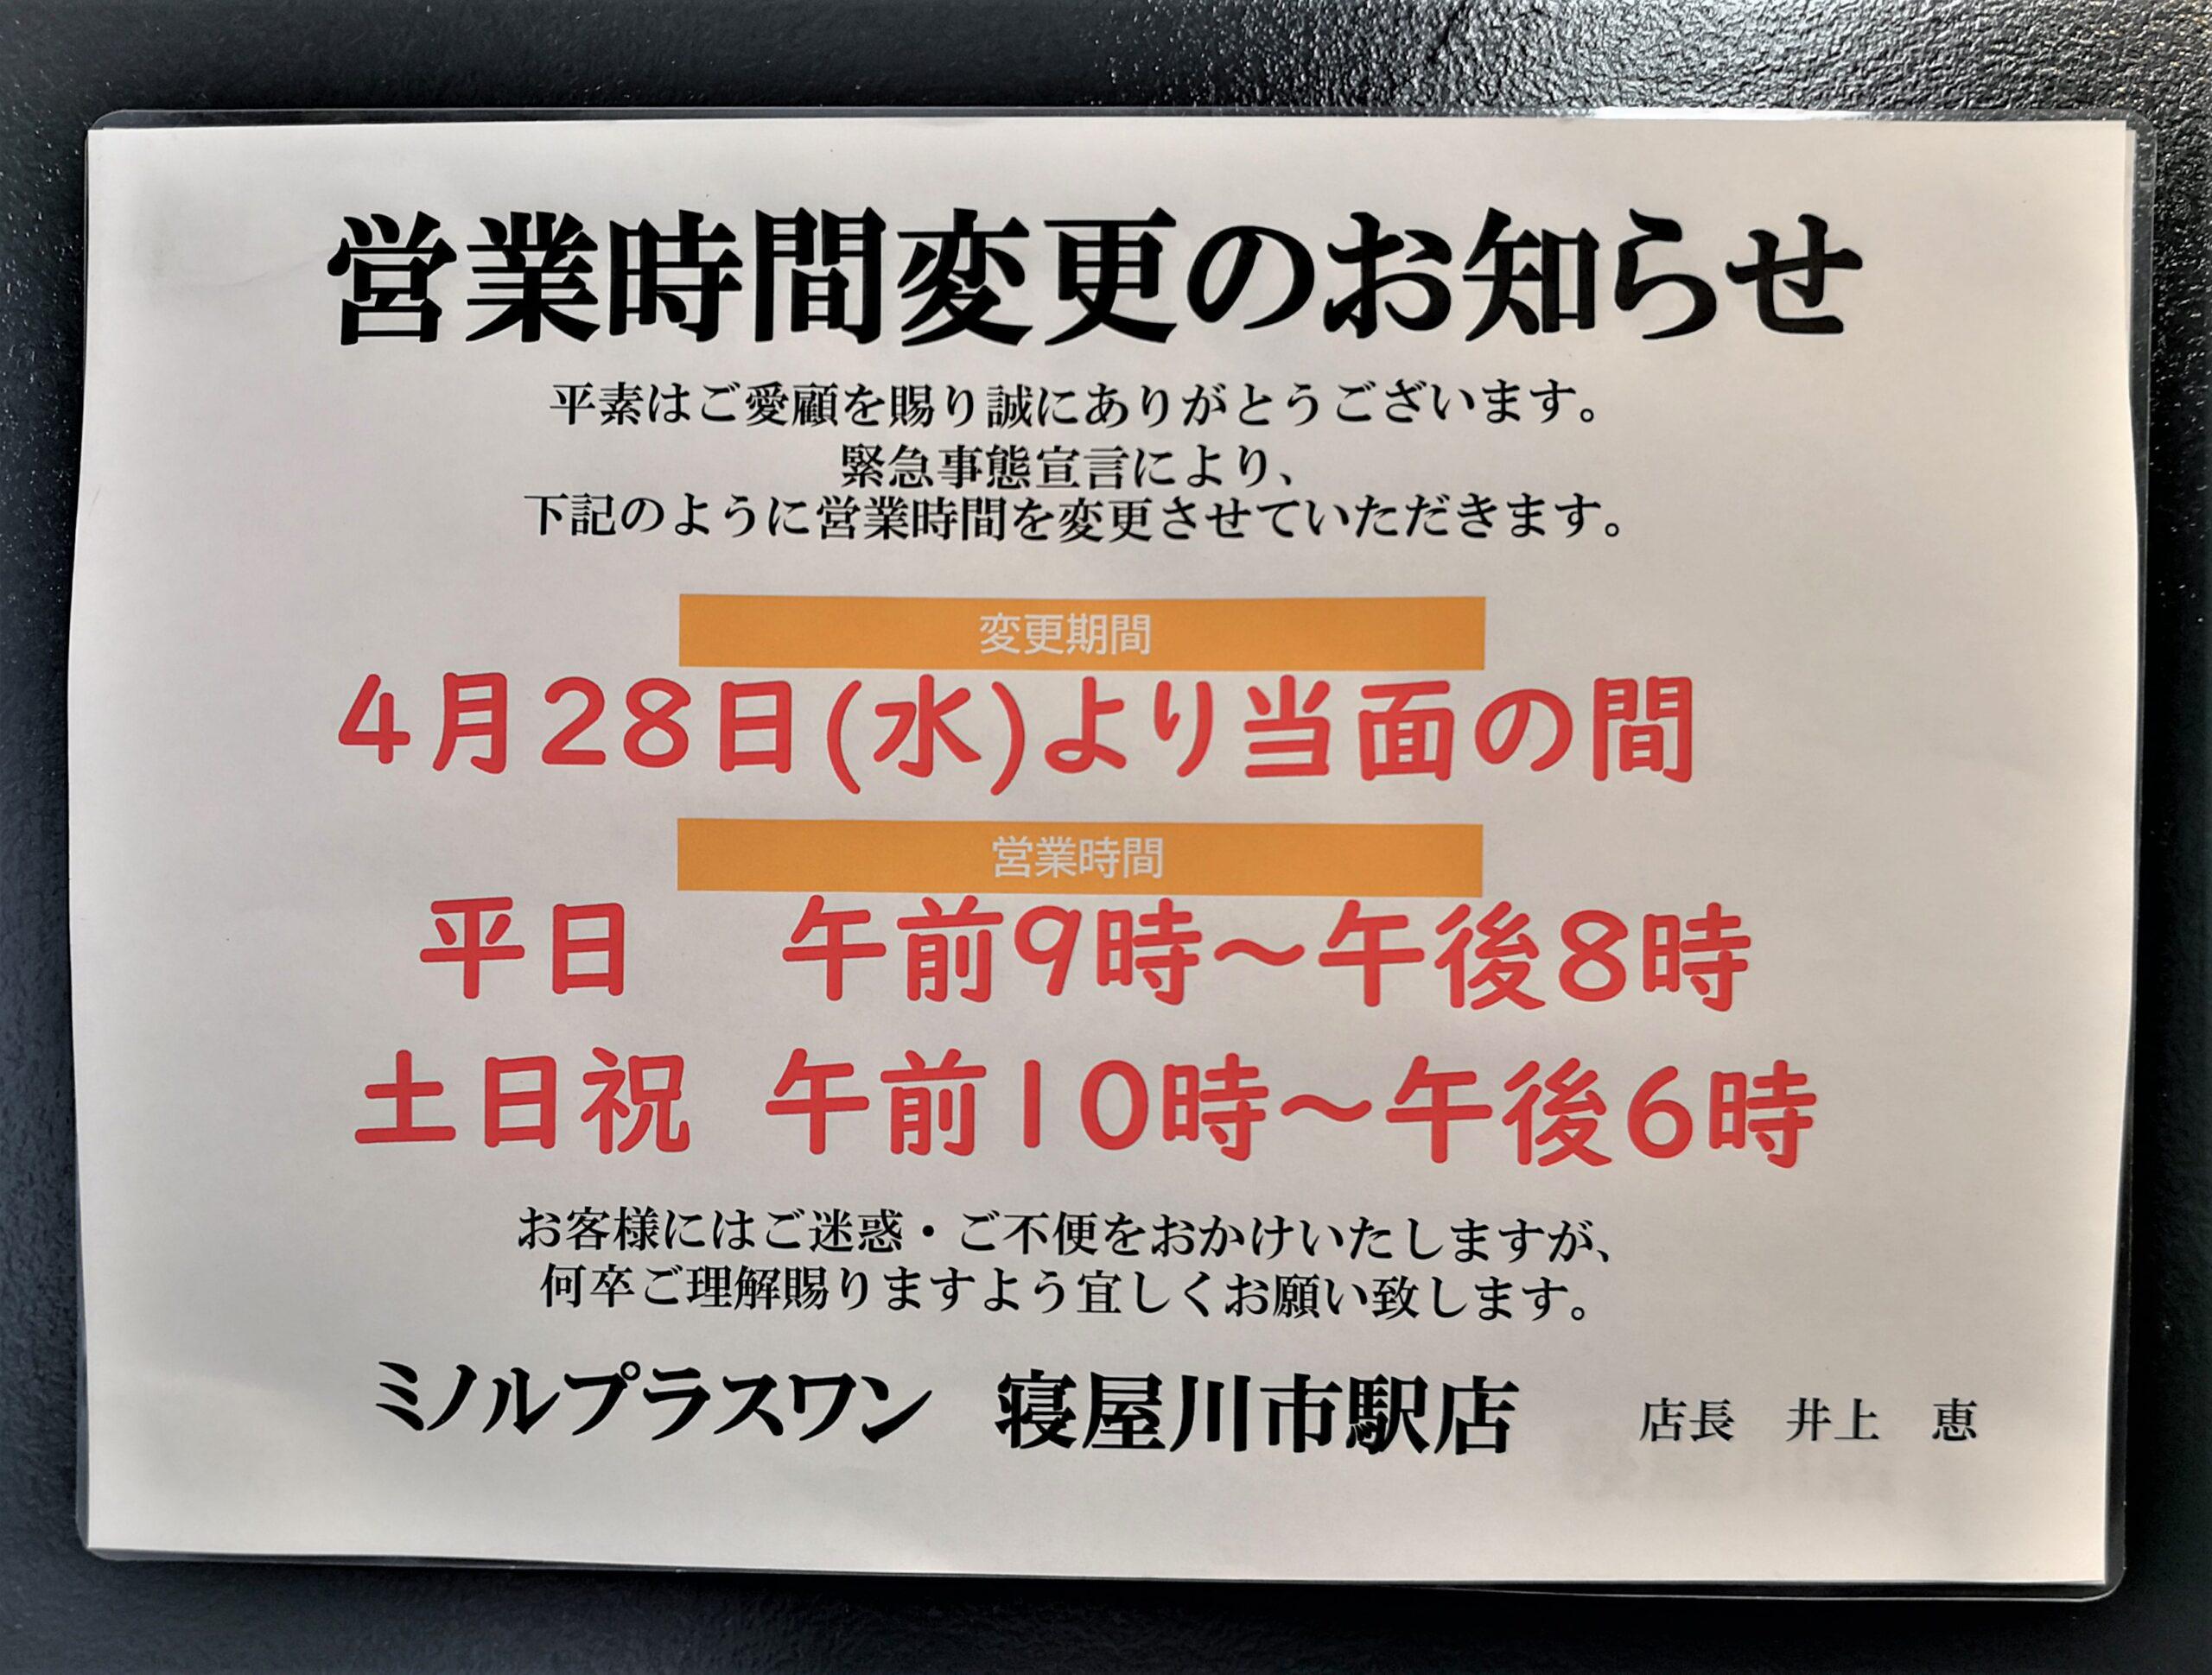 【営業時間の短縮のお知らせ】